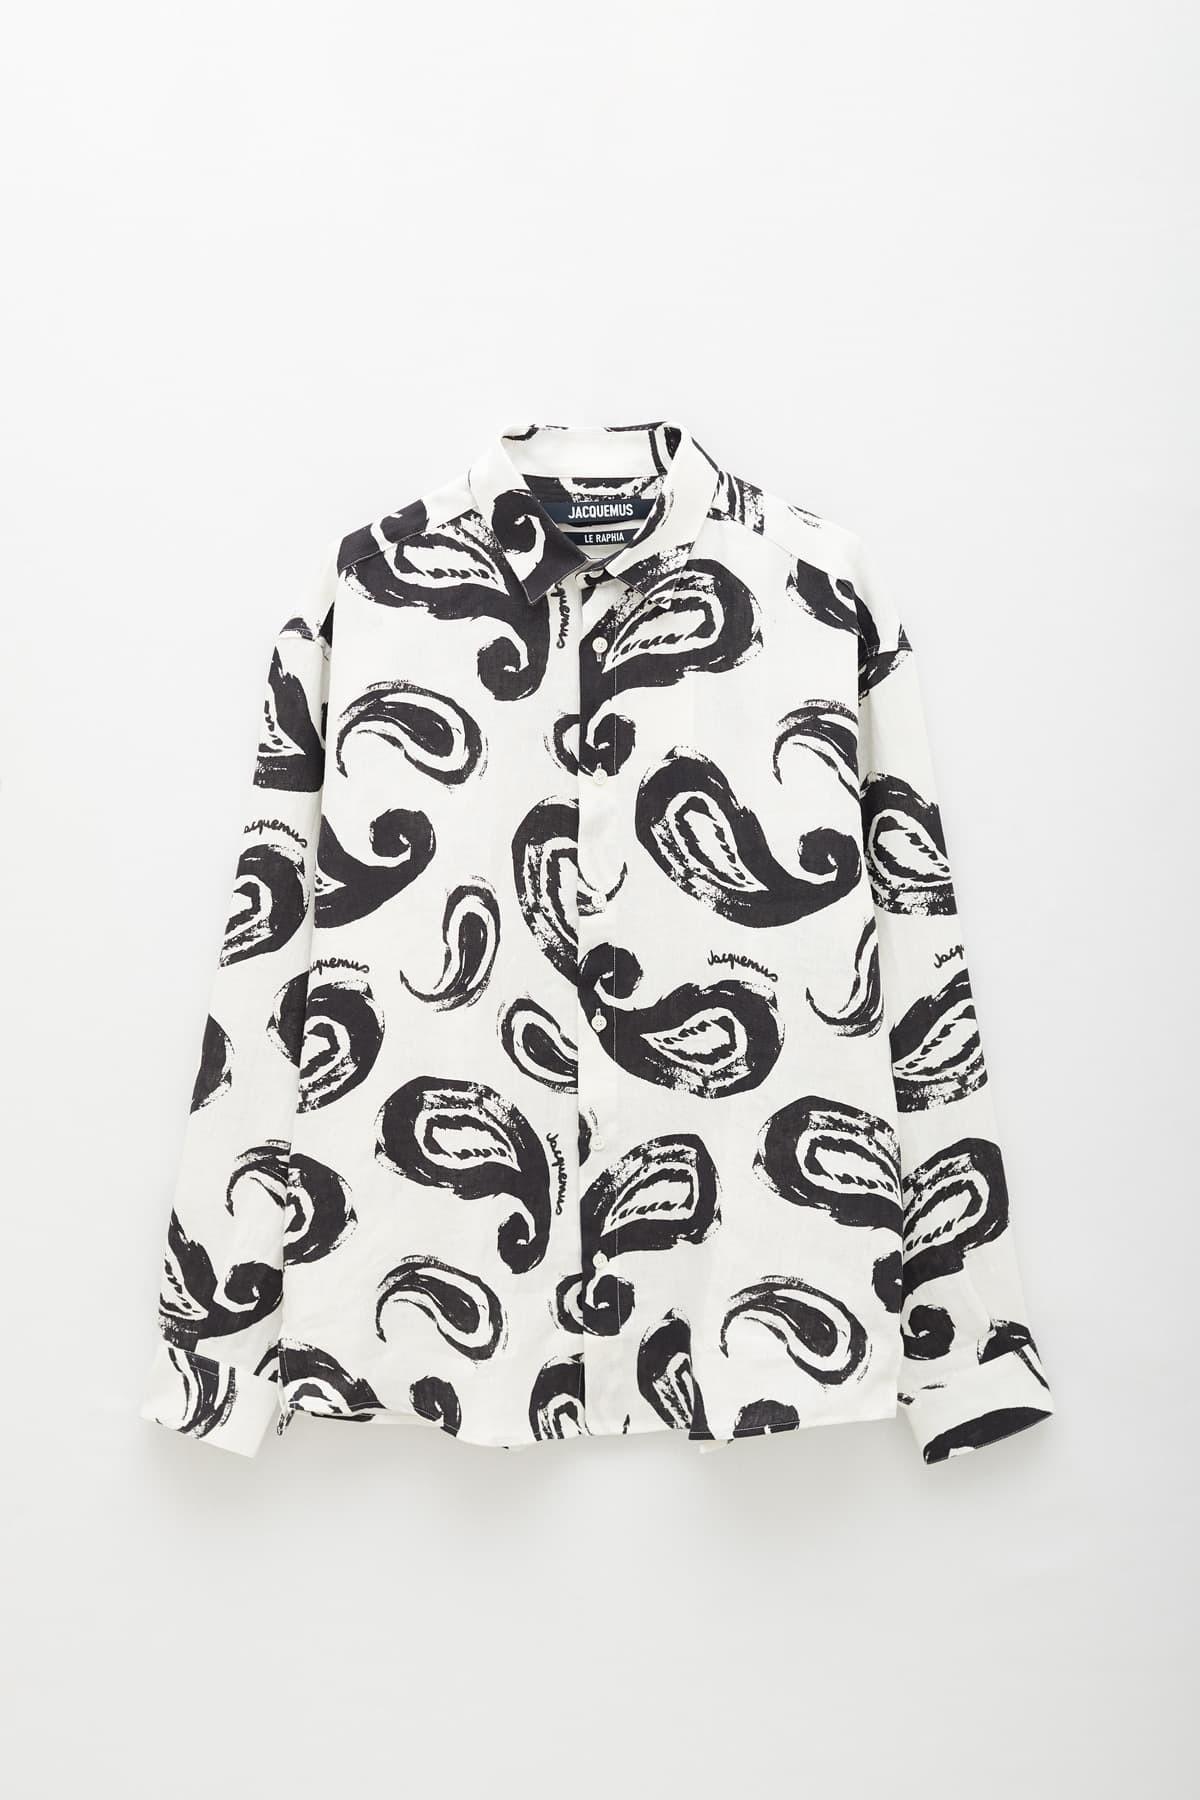 Shop Converse Parchment High Chuck 70 Sneakers 162053CC